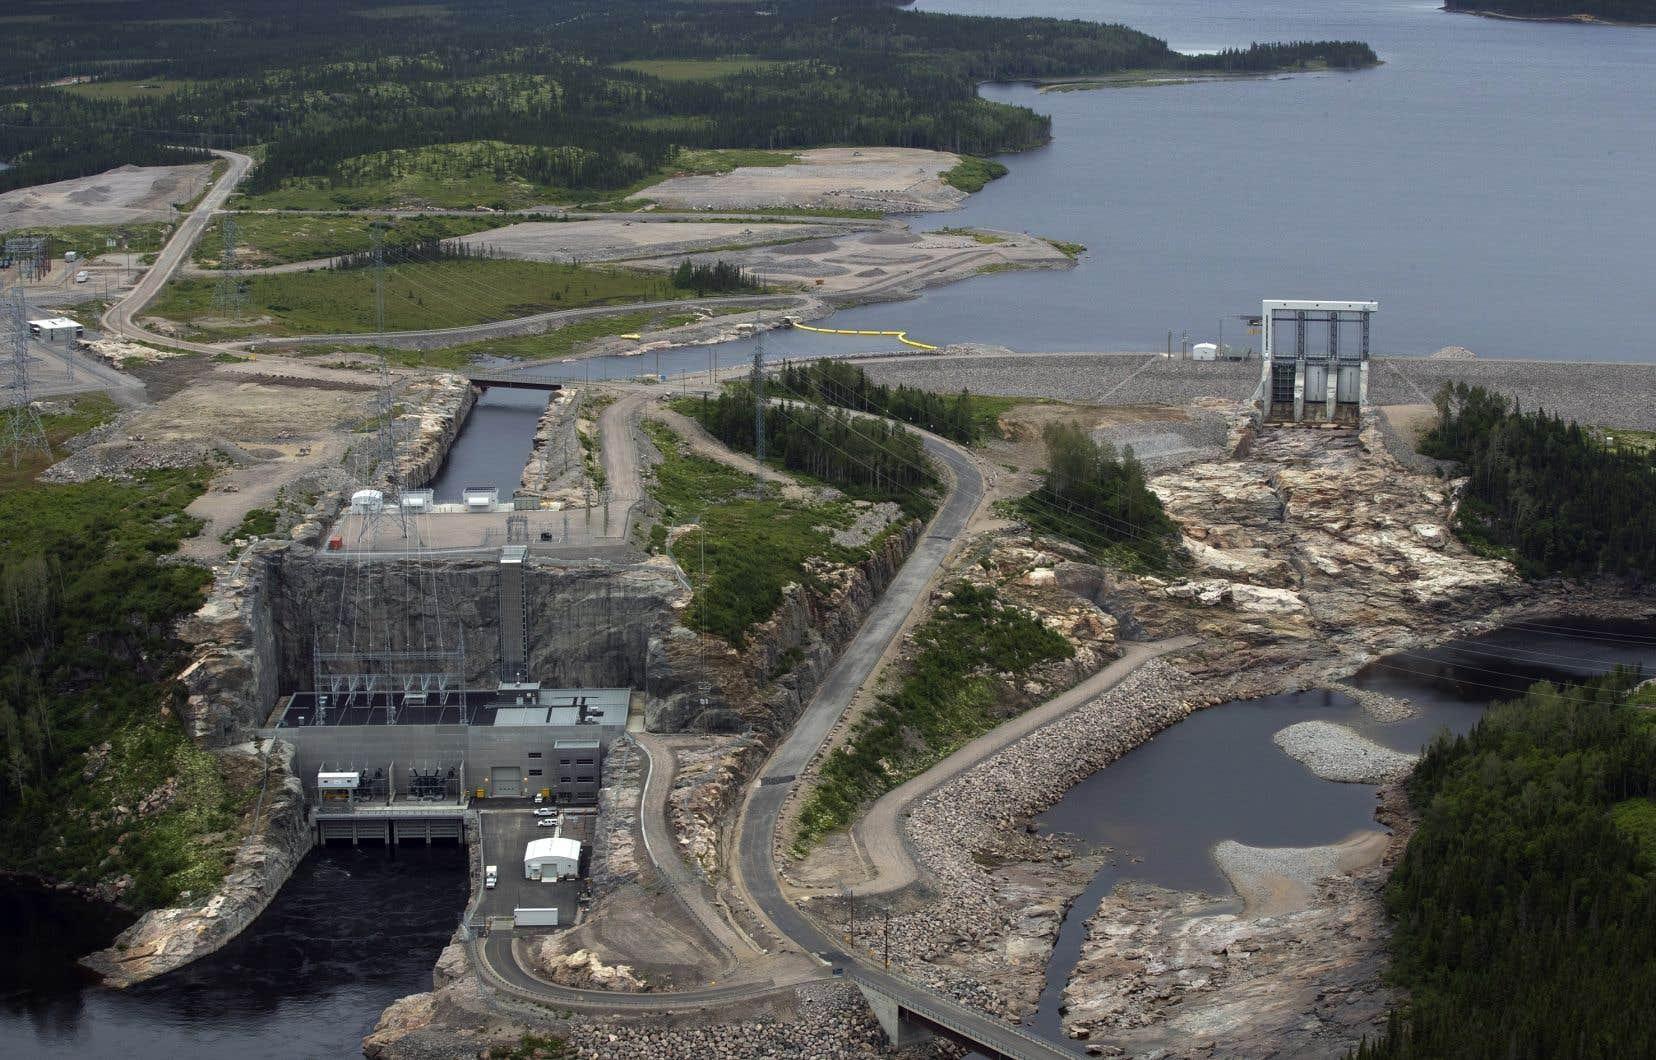 En août 2013, Pomerleau a obtenu un contrat de près de 52 millions pour des travaux d'aménagement intérieur de la centrale hydroélectrique et d'installation des systèmes mécaniques et électriques des groupes turbines-alternateurs